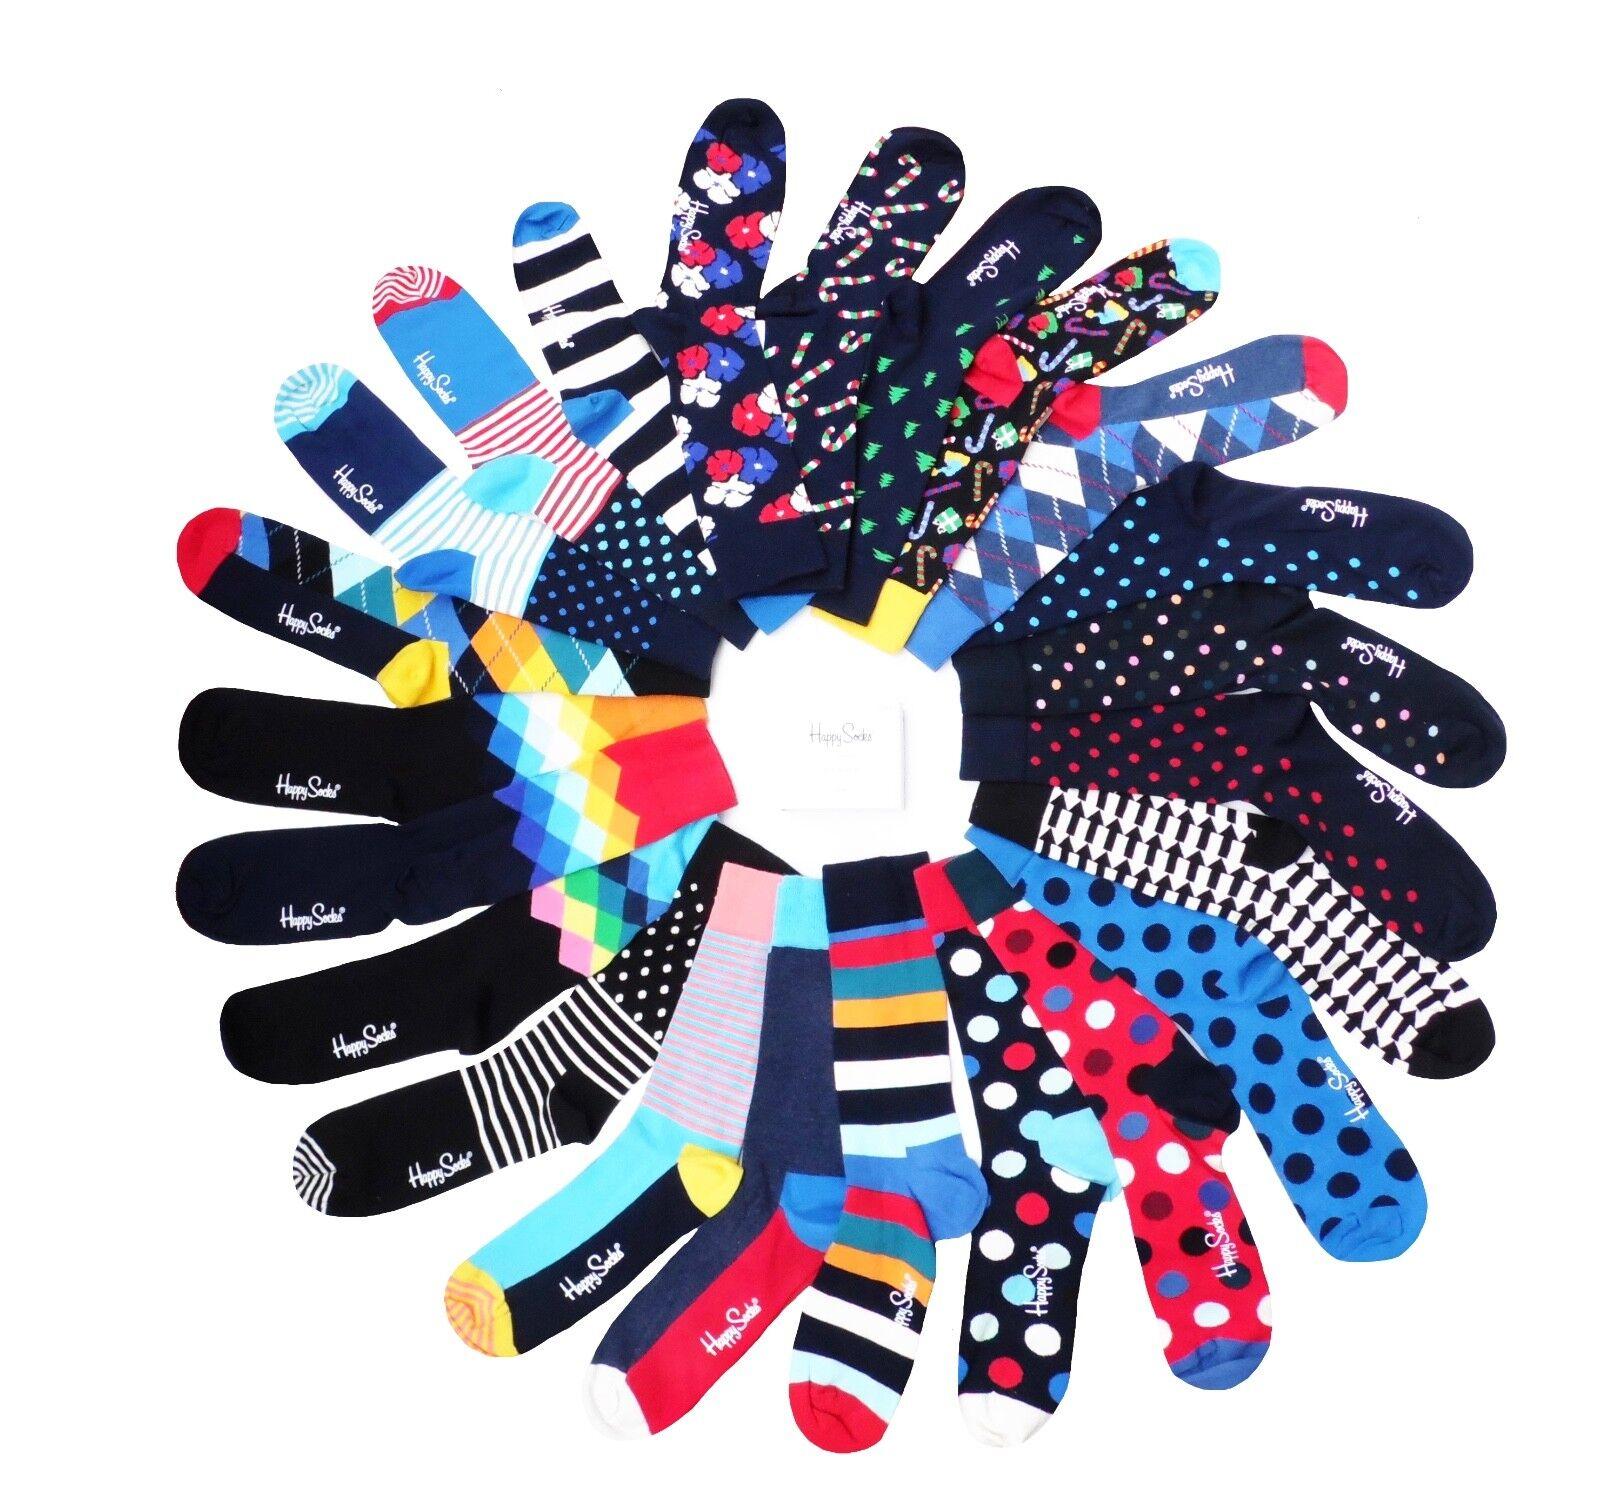 Happy Socks  coole bunte Socken mit witzigen Mustern & Designs  41 - 46  Neu